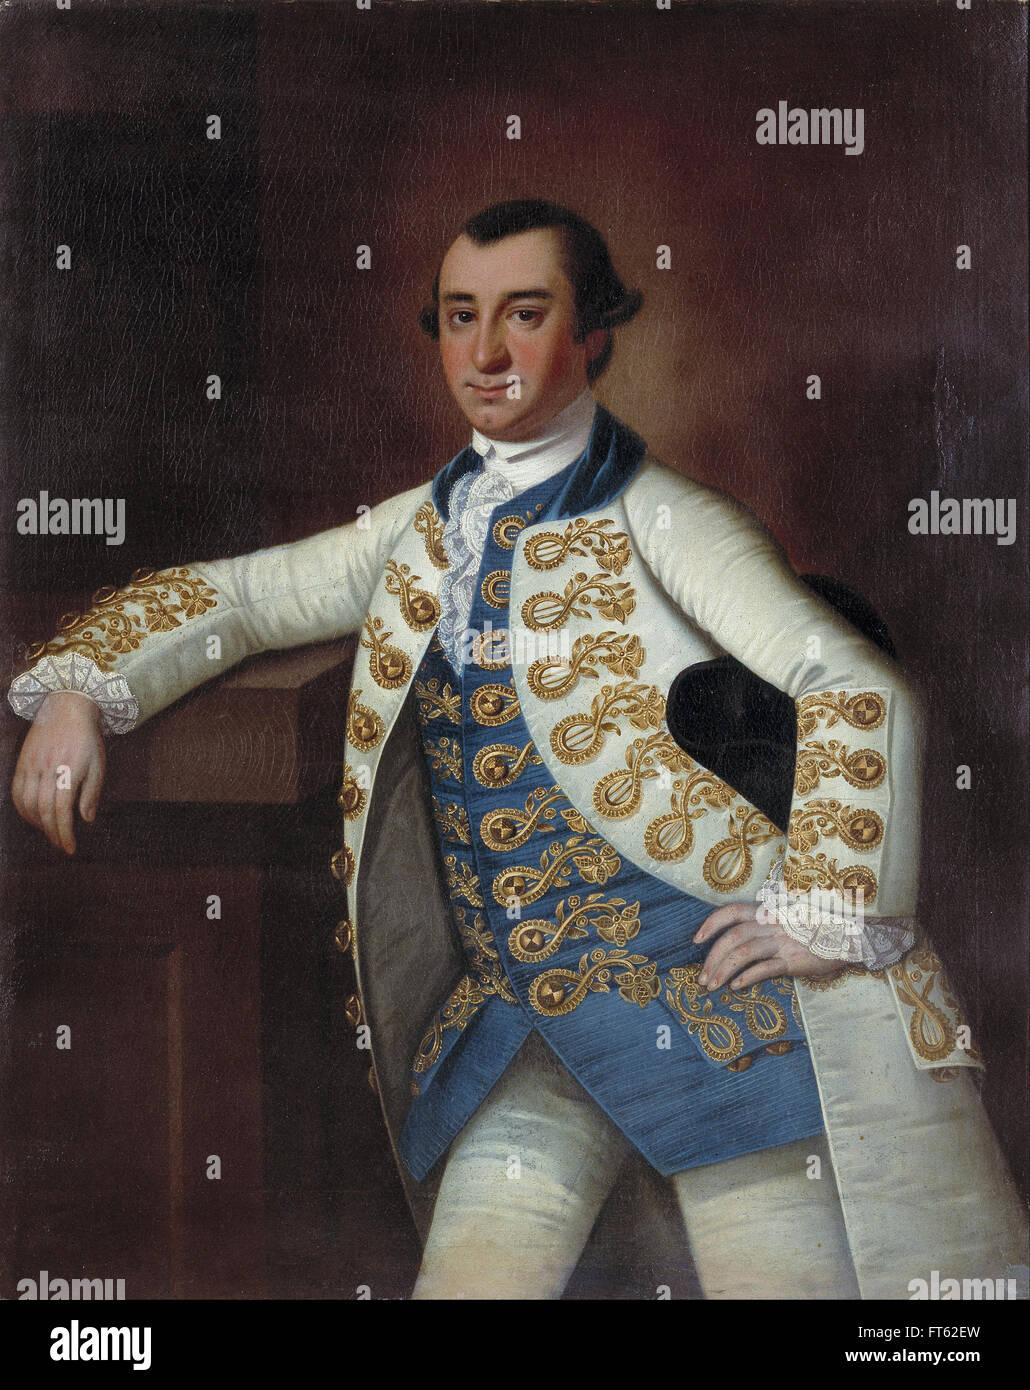 Jeremiah Theus - Colonel Barnard Elliott, Jr. - Gibbes Museum of Art - Stock Image